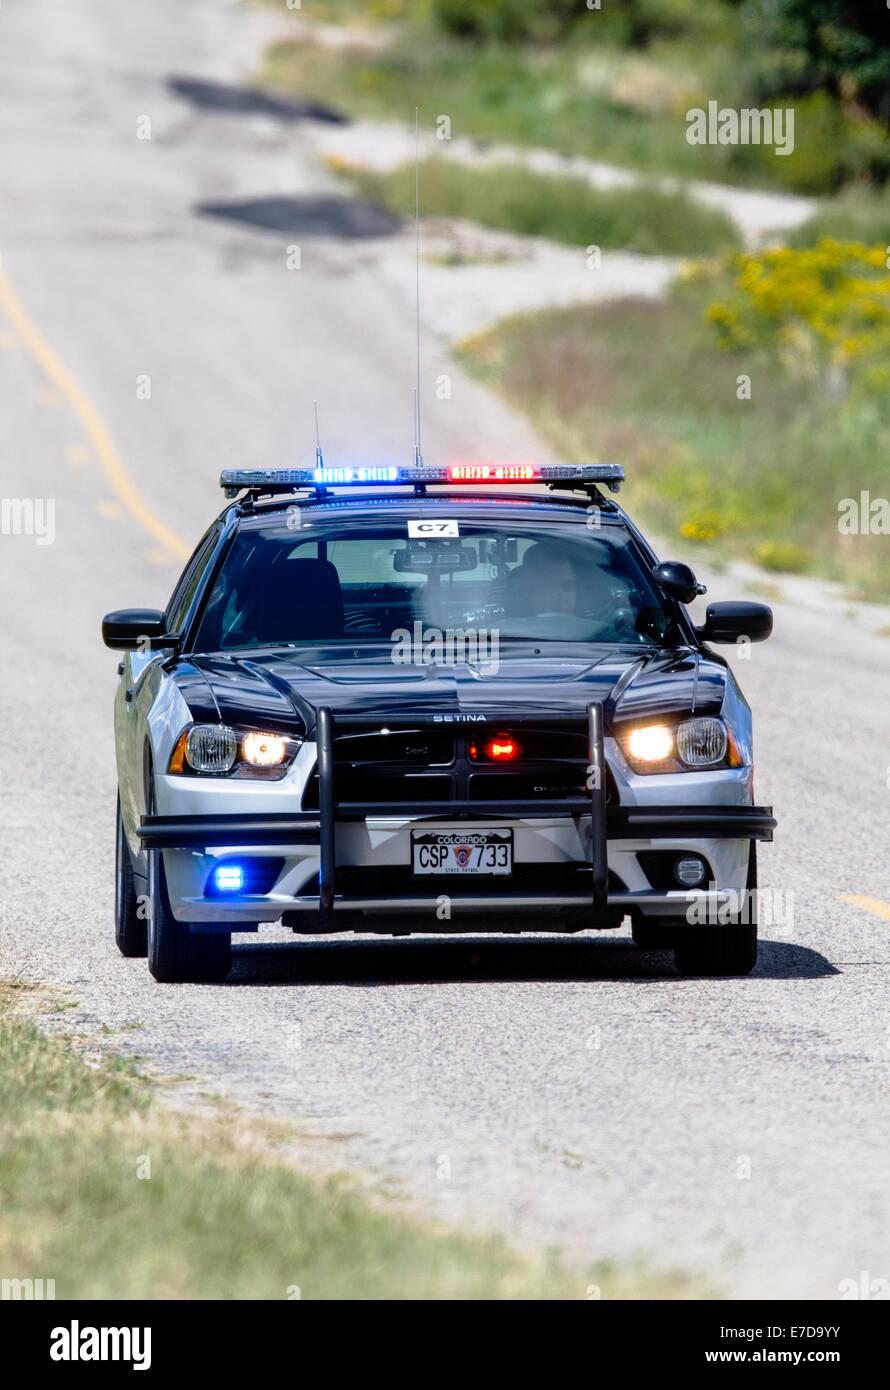 Colorado State Police car, central Colorado, USA Stock Photo